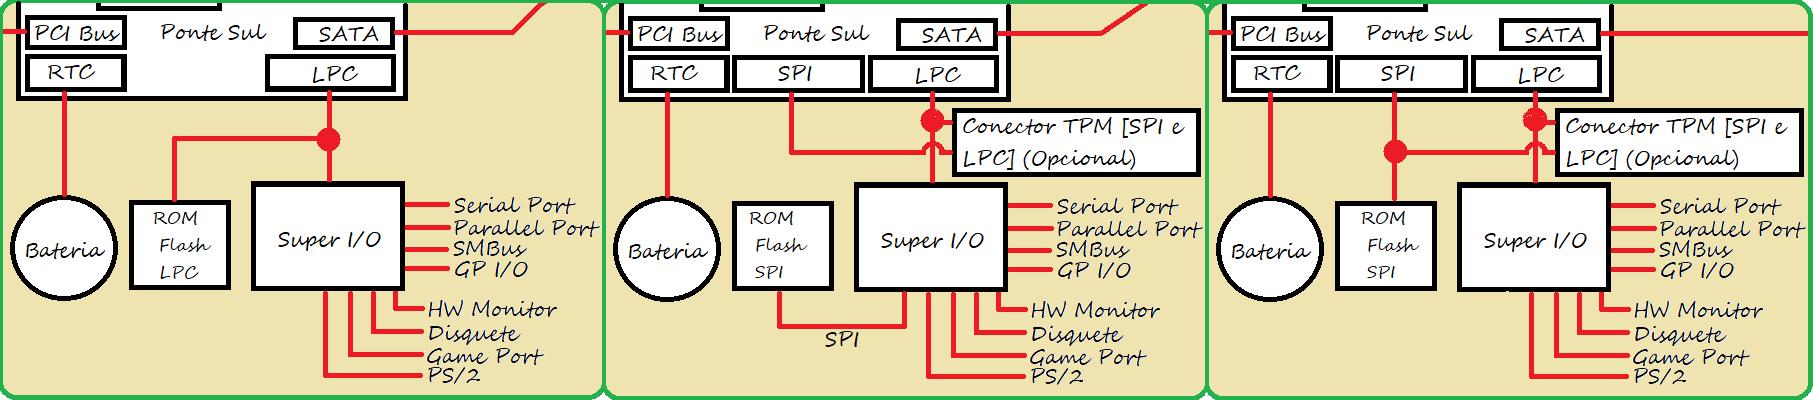 Super I/O e suas ligações